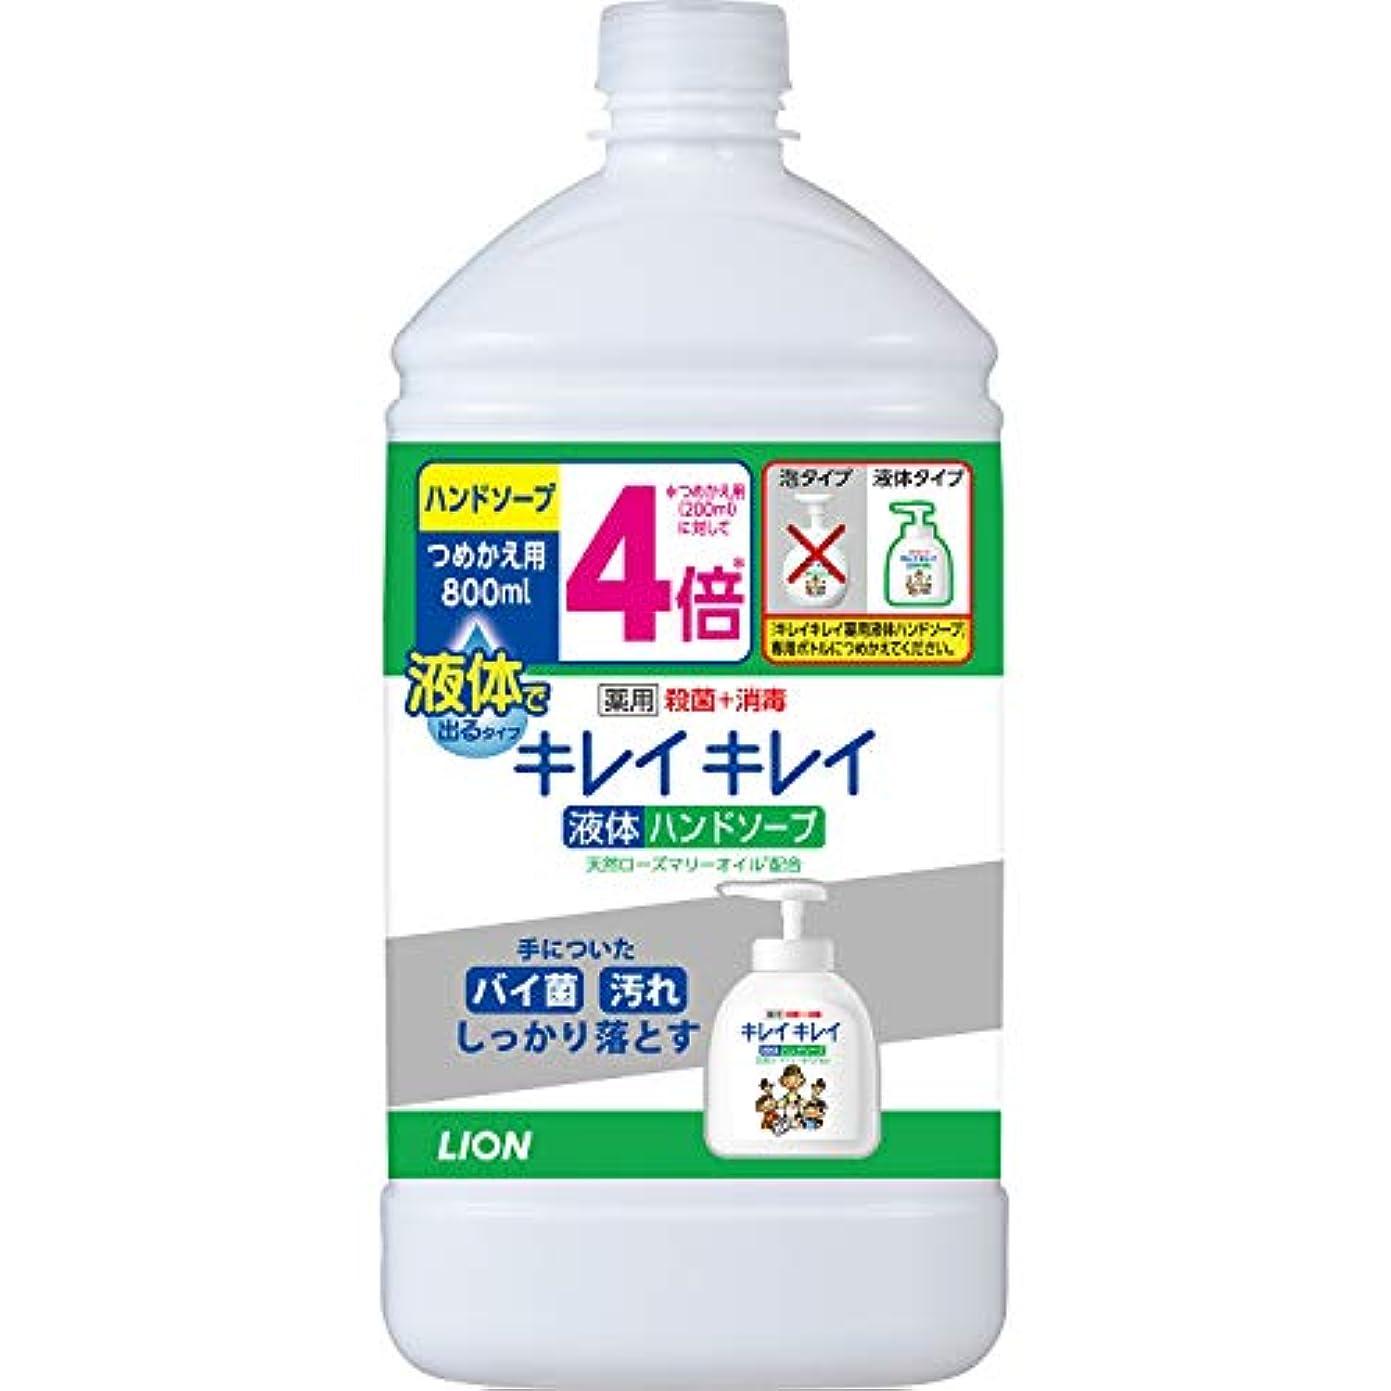 保証金施設労苦(医薬部外品)【大容量】キレイキレイ 薬用 液体ハンドソープ 詰替特大 800ml